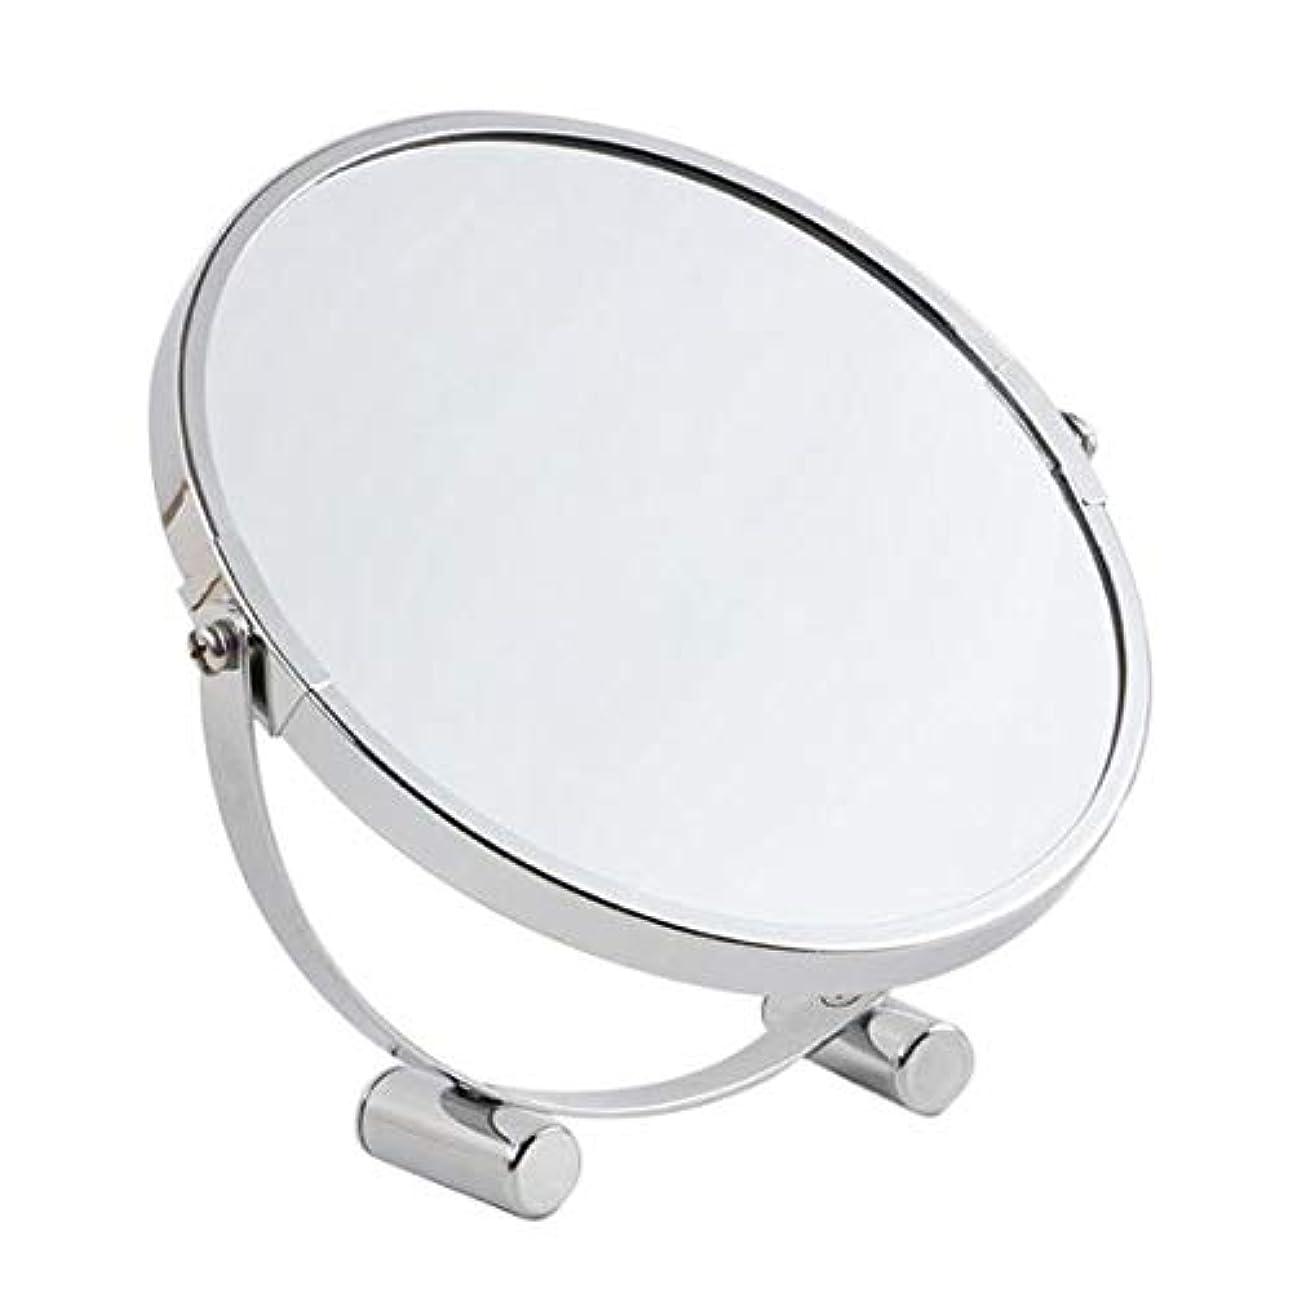 飼料イベントウサギTHINKELS-TECH 7インチ化粧鏡両面1X/2X倍率360度回転旅行用ミラー トラベルミラーベース取り外し可能